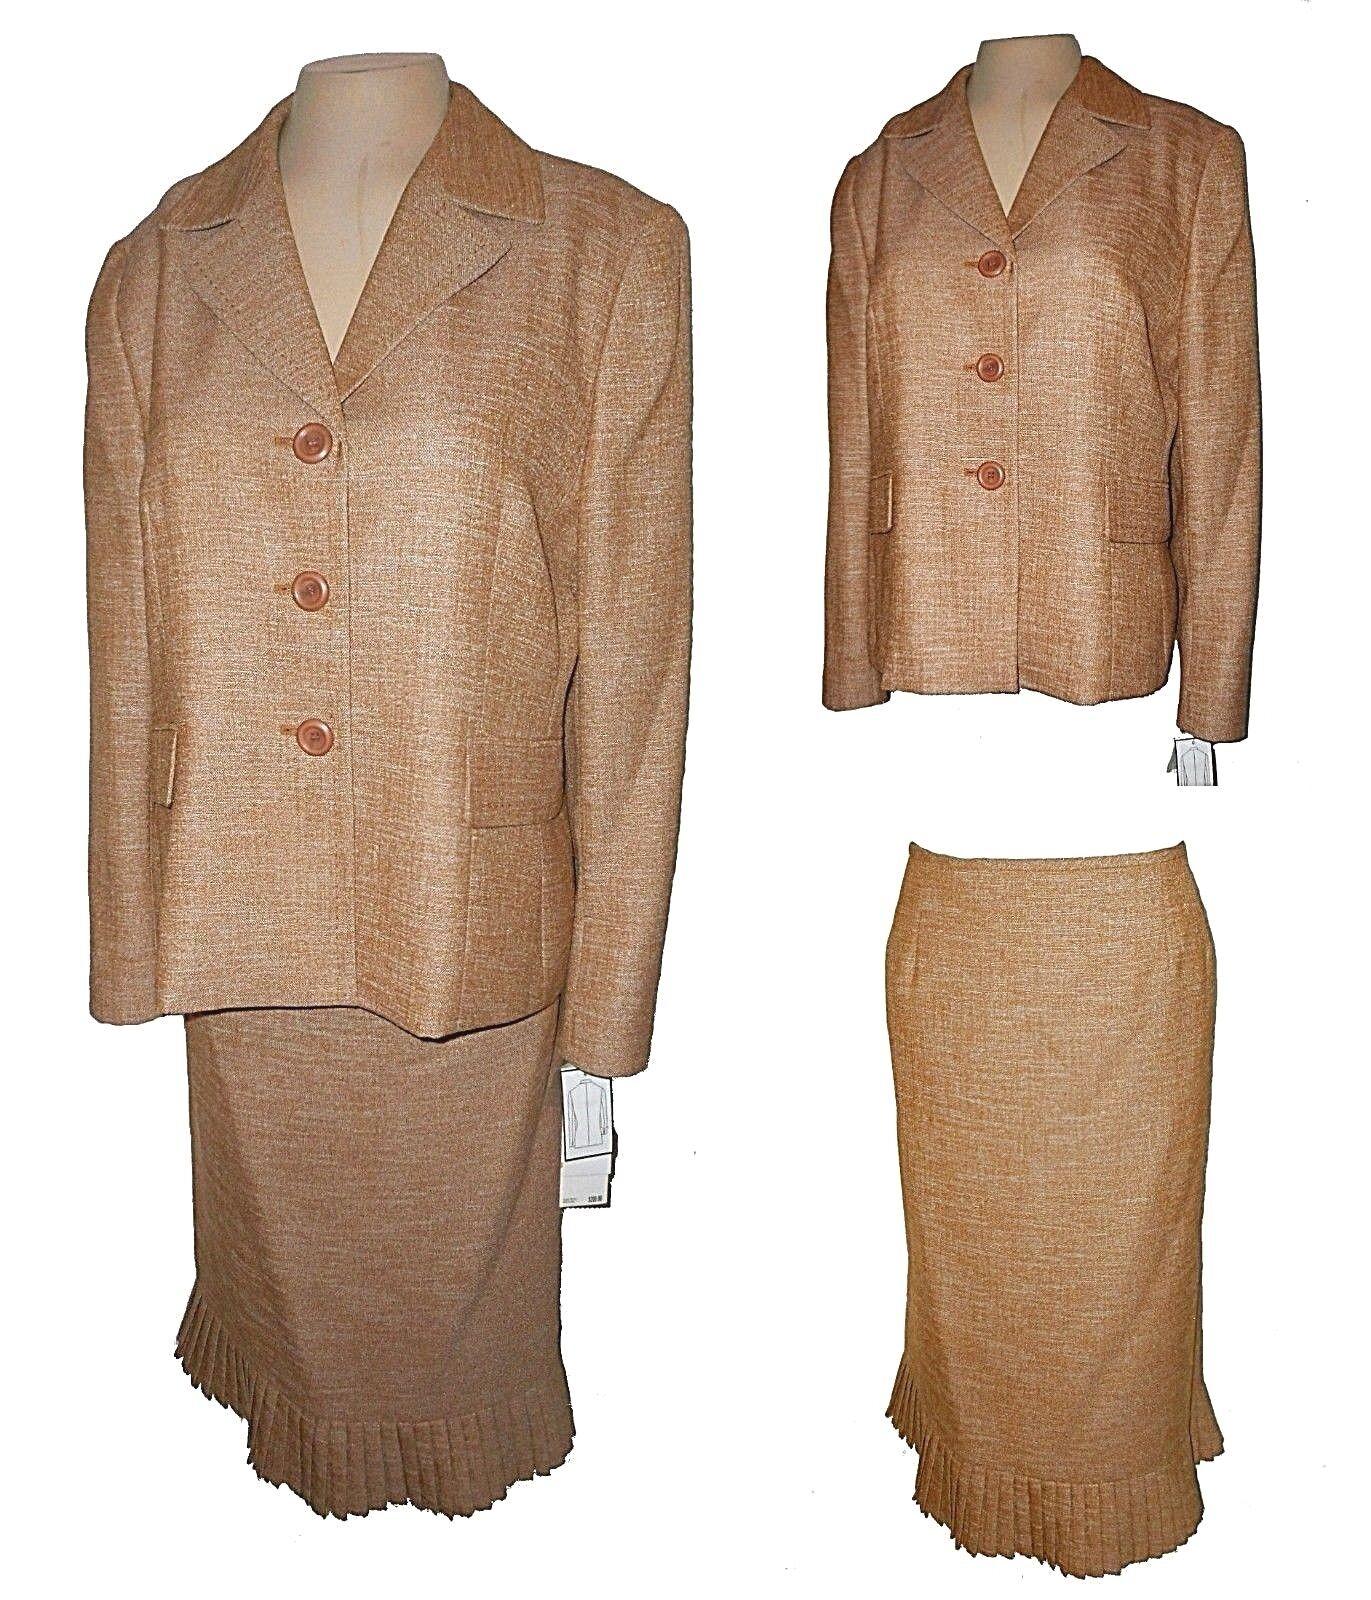 New 2-PC Suit  Blazer Skirt, Le Suit, Business Beige MSRP- 200.00  14P